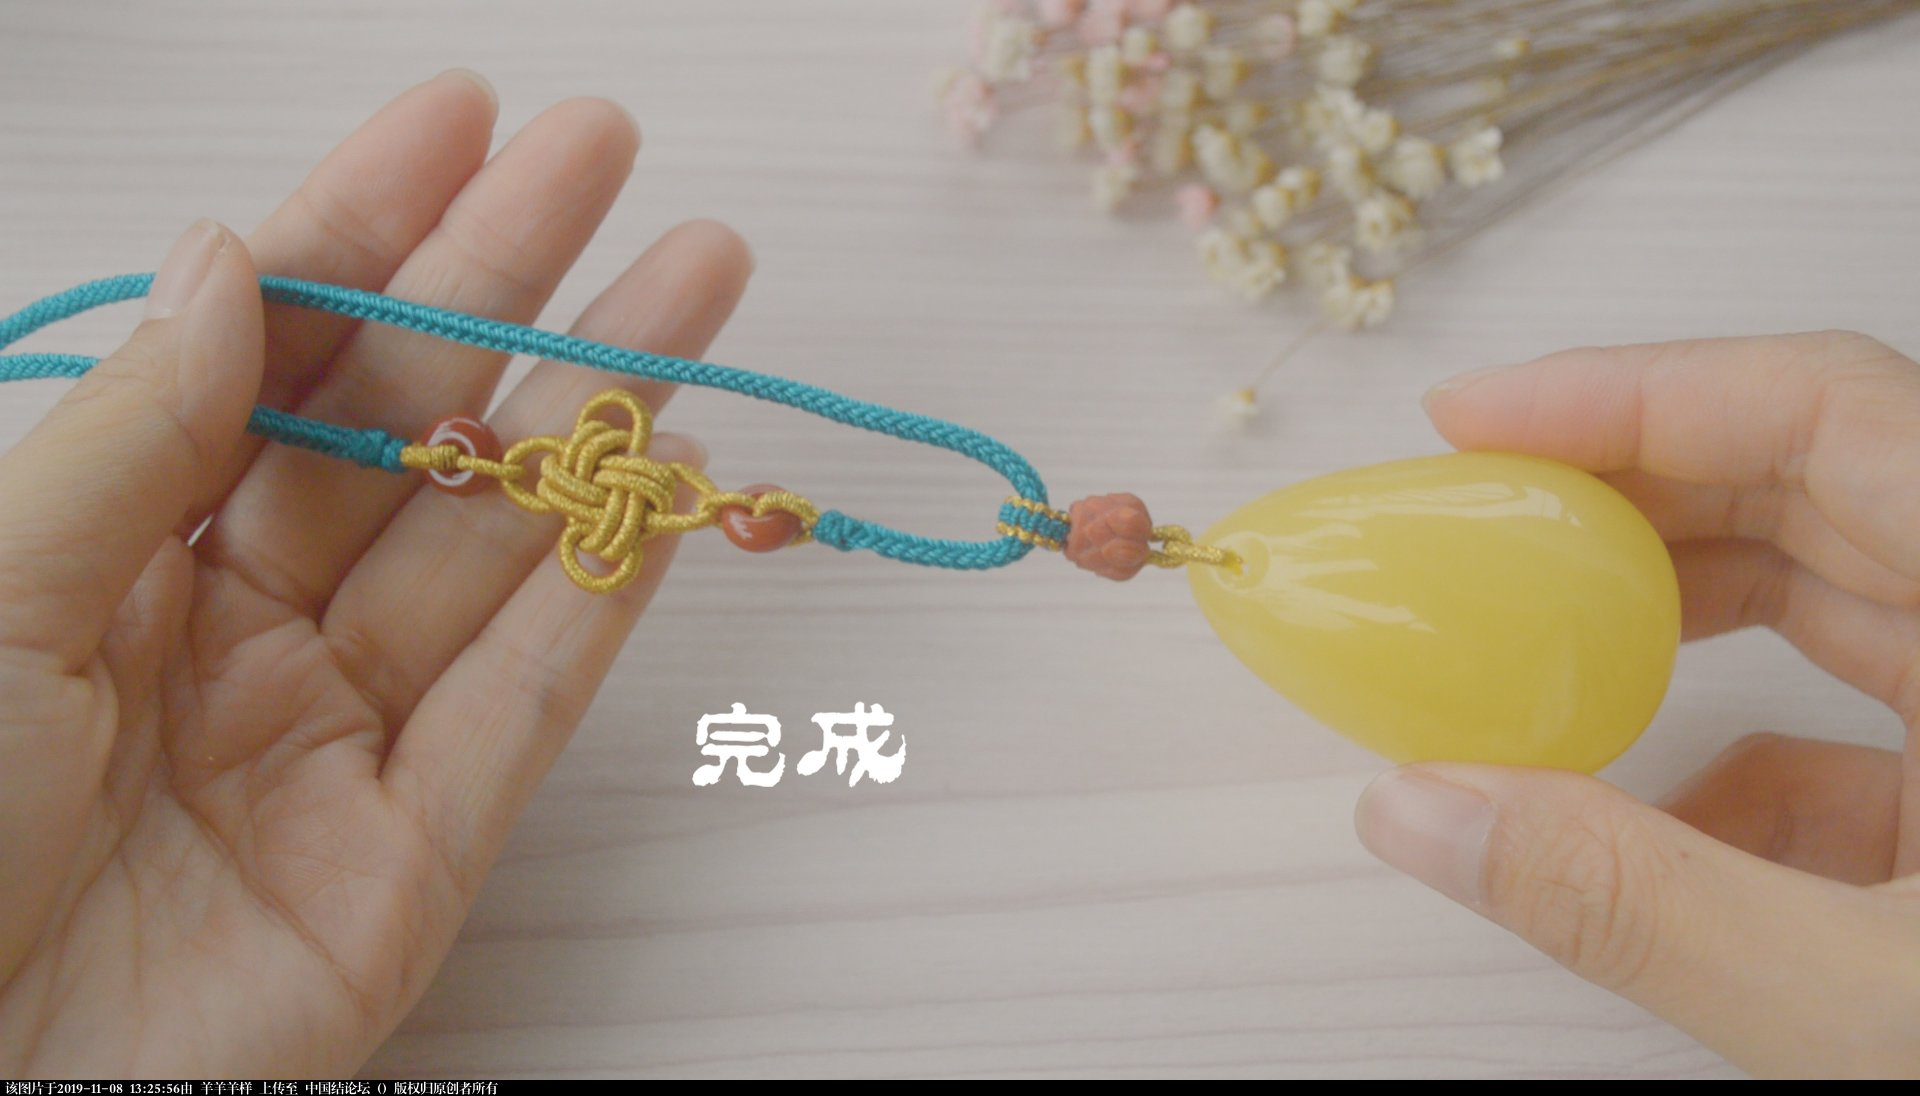 中国结论坛 冰花结只会用来做挂件?试试做一款属于自己的毛衣链,附视频教程  图文教程区 131858f0uktiy085ym00cy